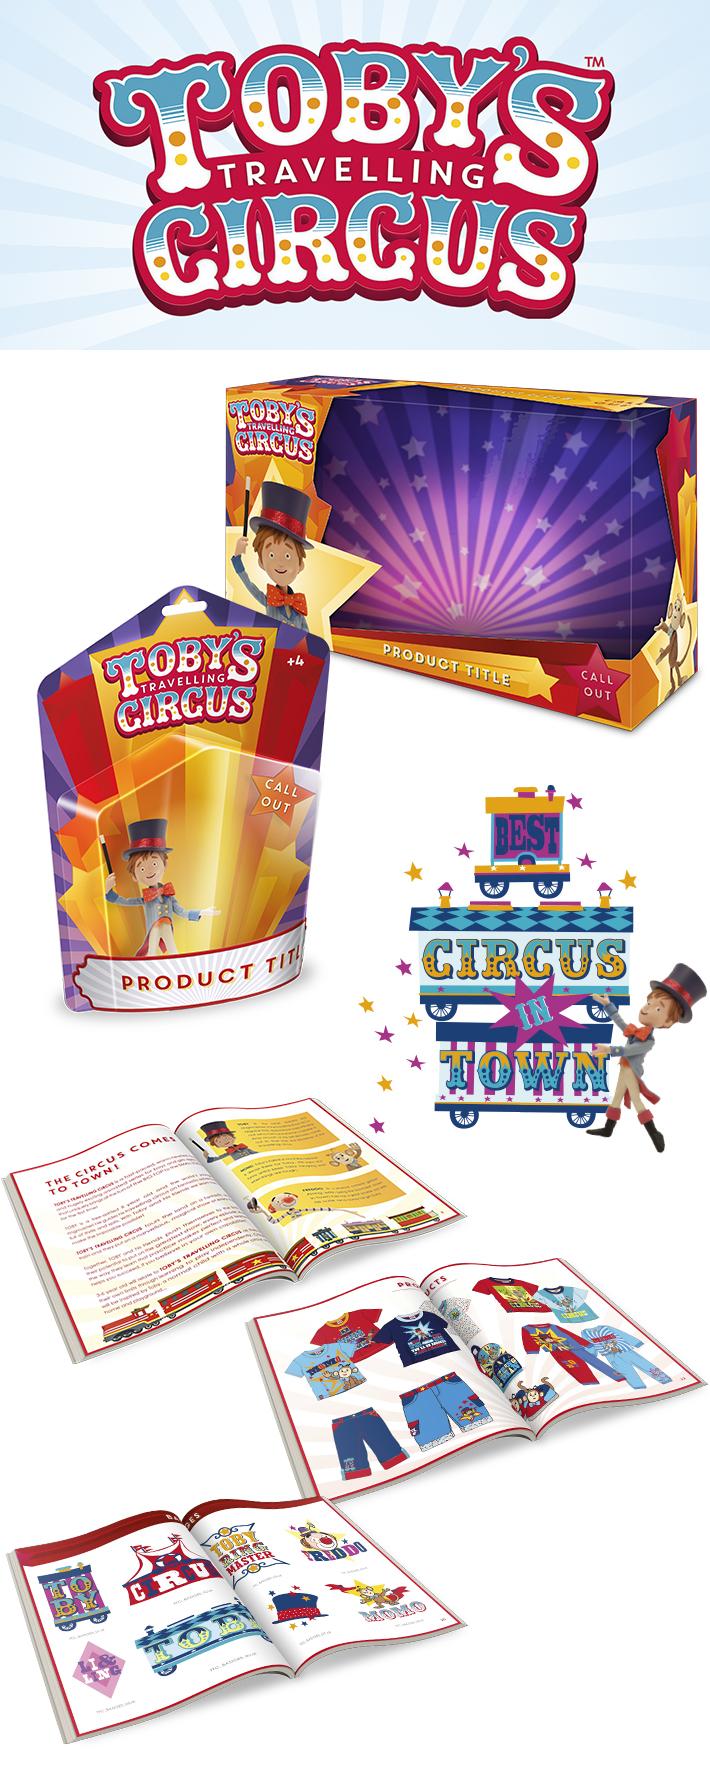 Toby's Travelling Circus-Skew-Styleguide.jpg